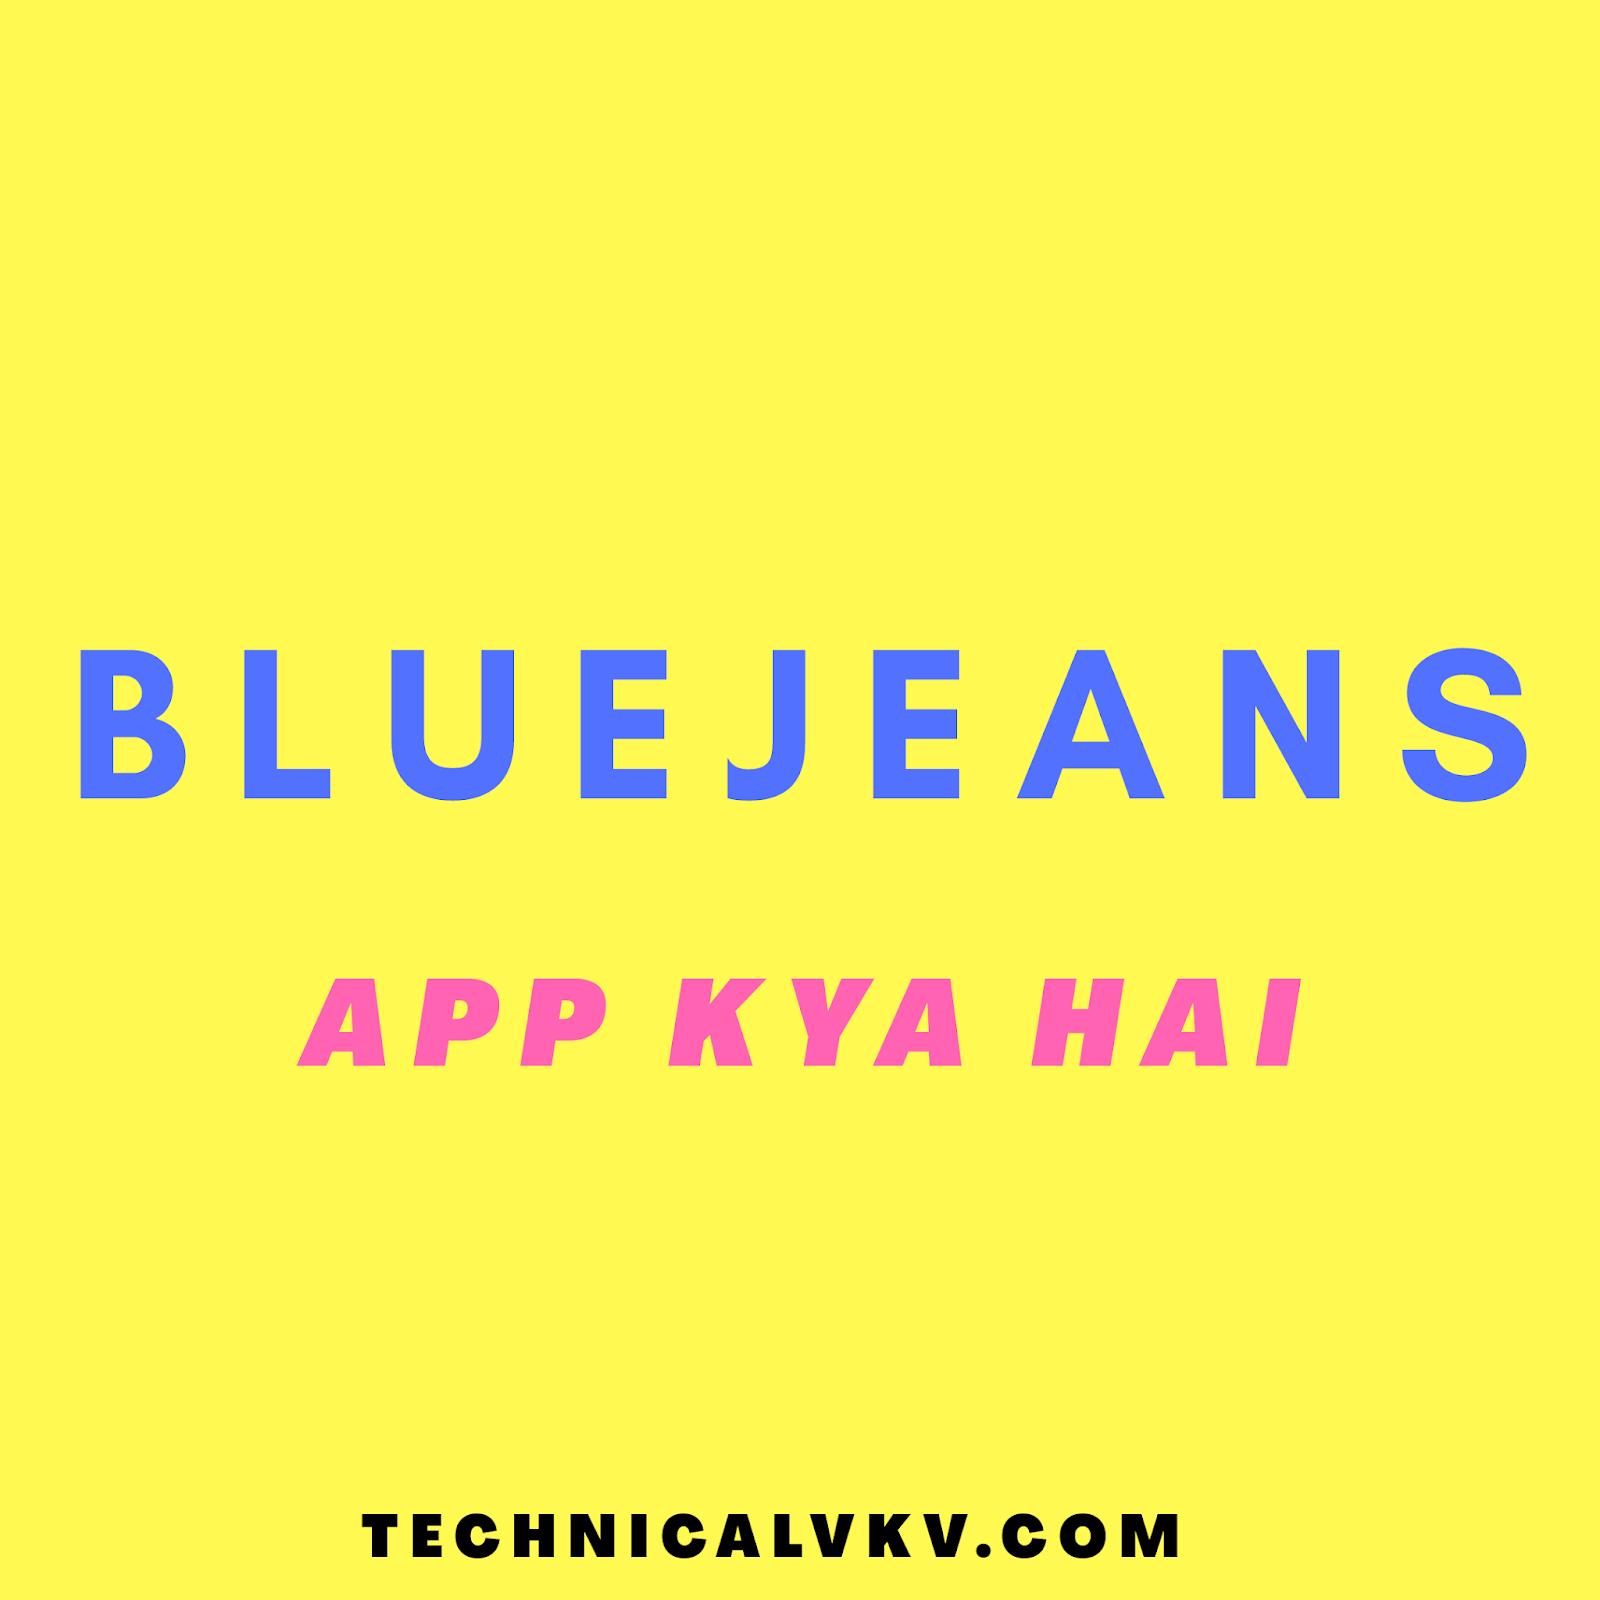 Bluejeans app kya hai